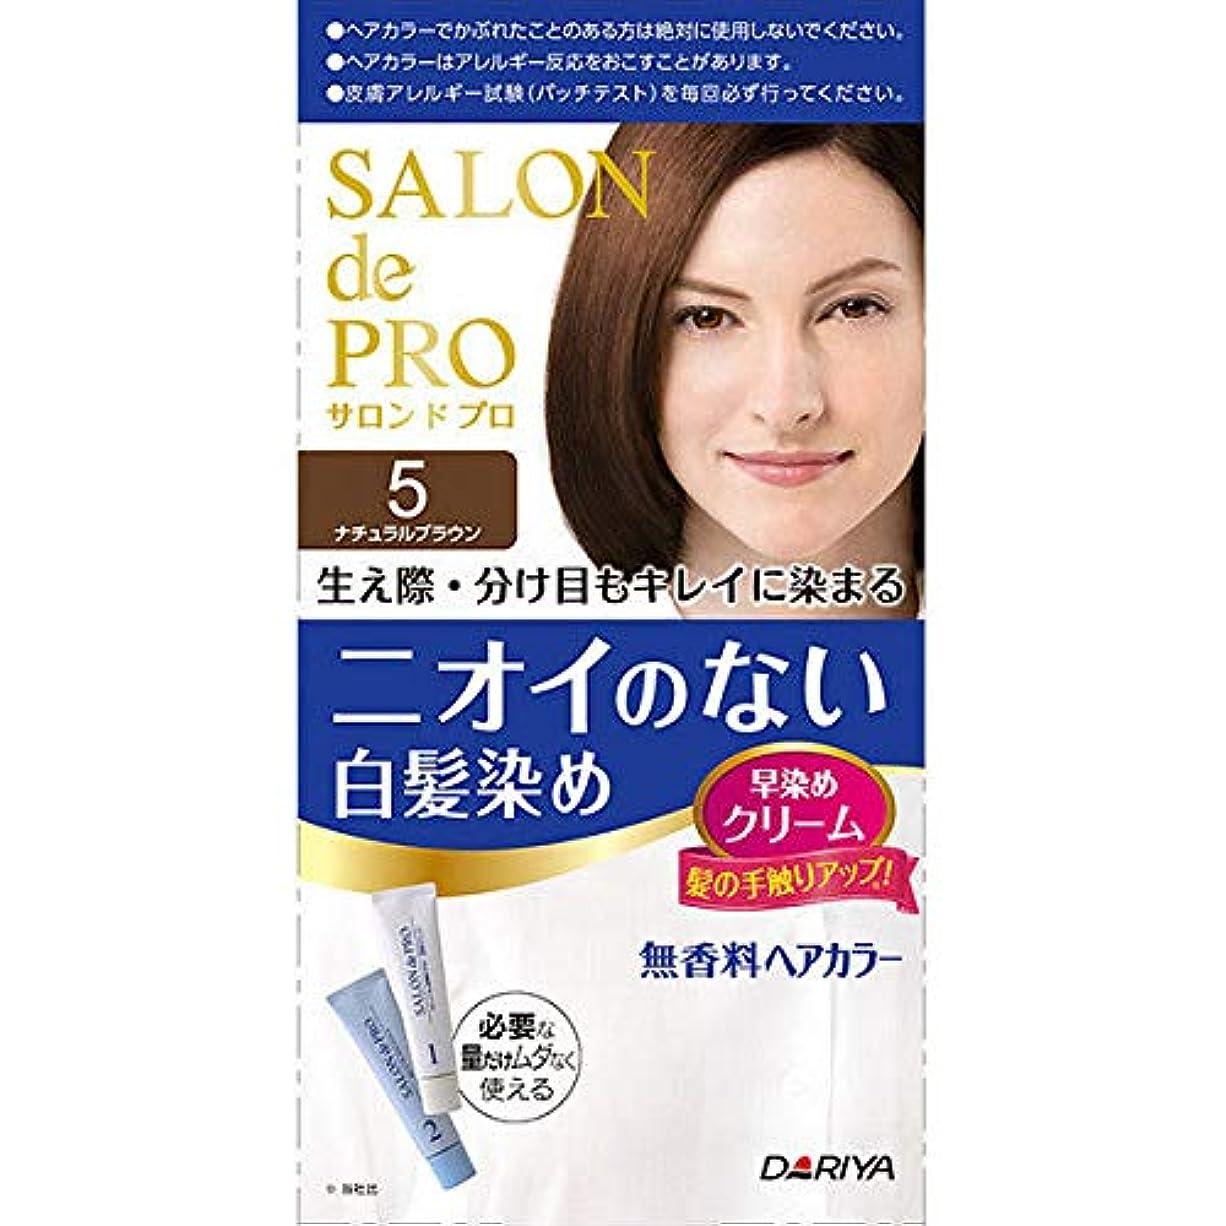 買うゲージええダリヤ サロン ド プロ 無香料ヘアカラー 早染めクリーム(白髪用) 5 ナチュラルブラウン 40g+40g